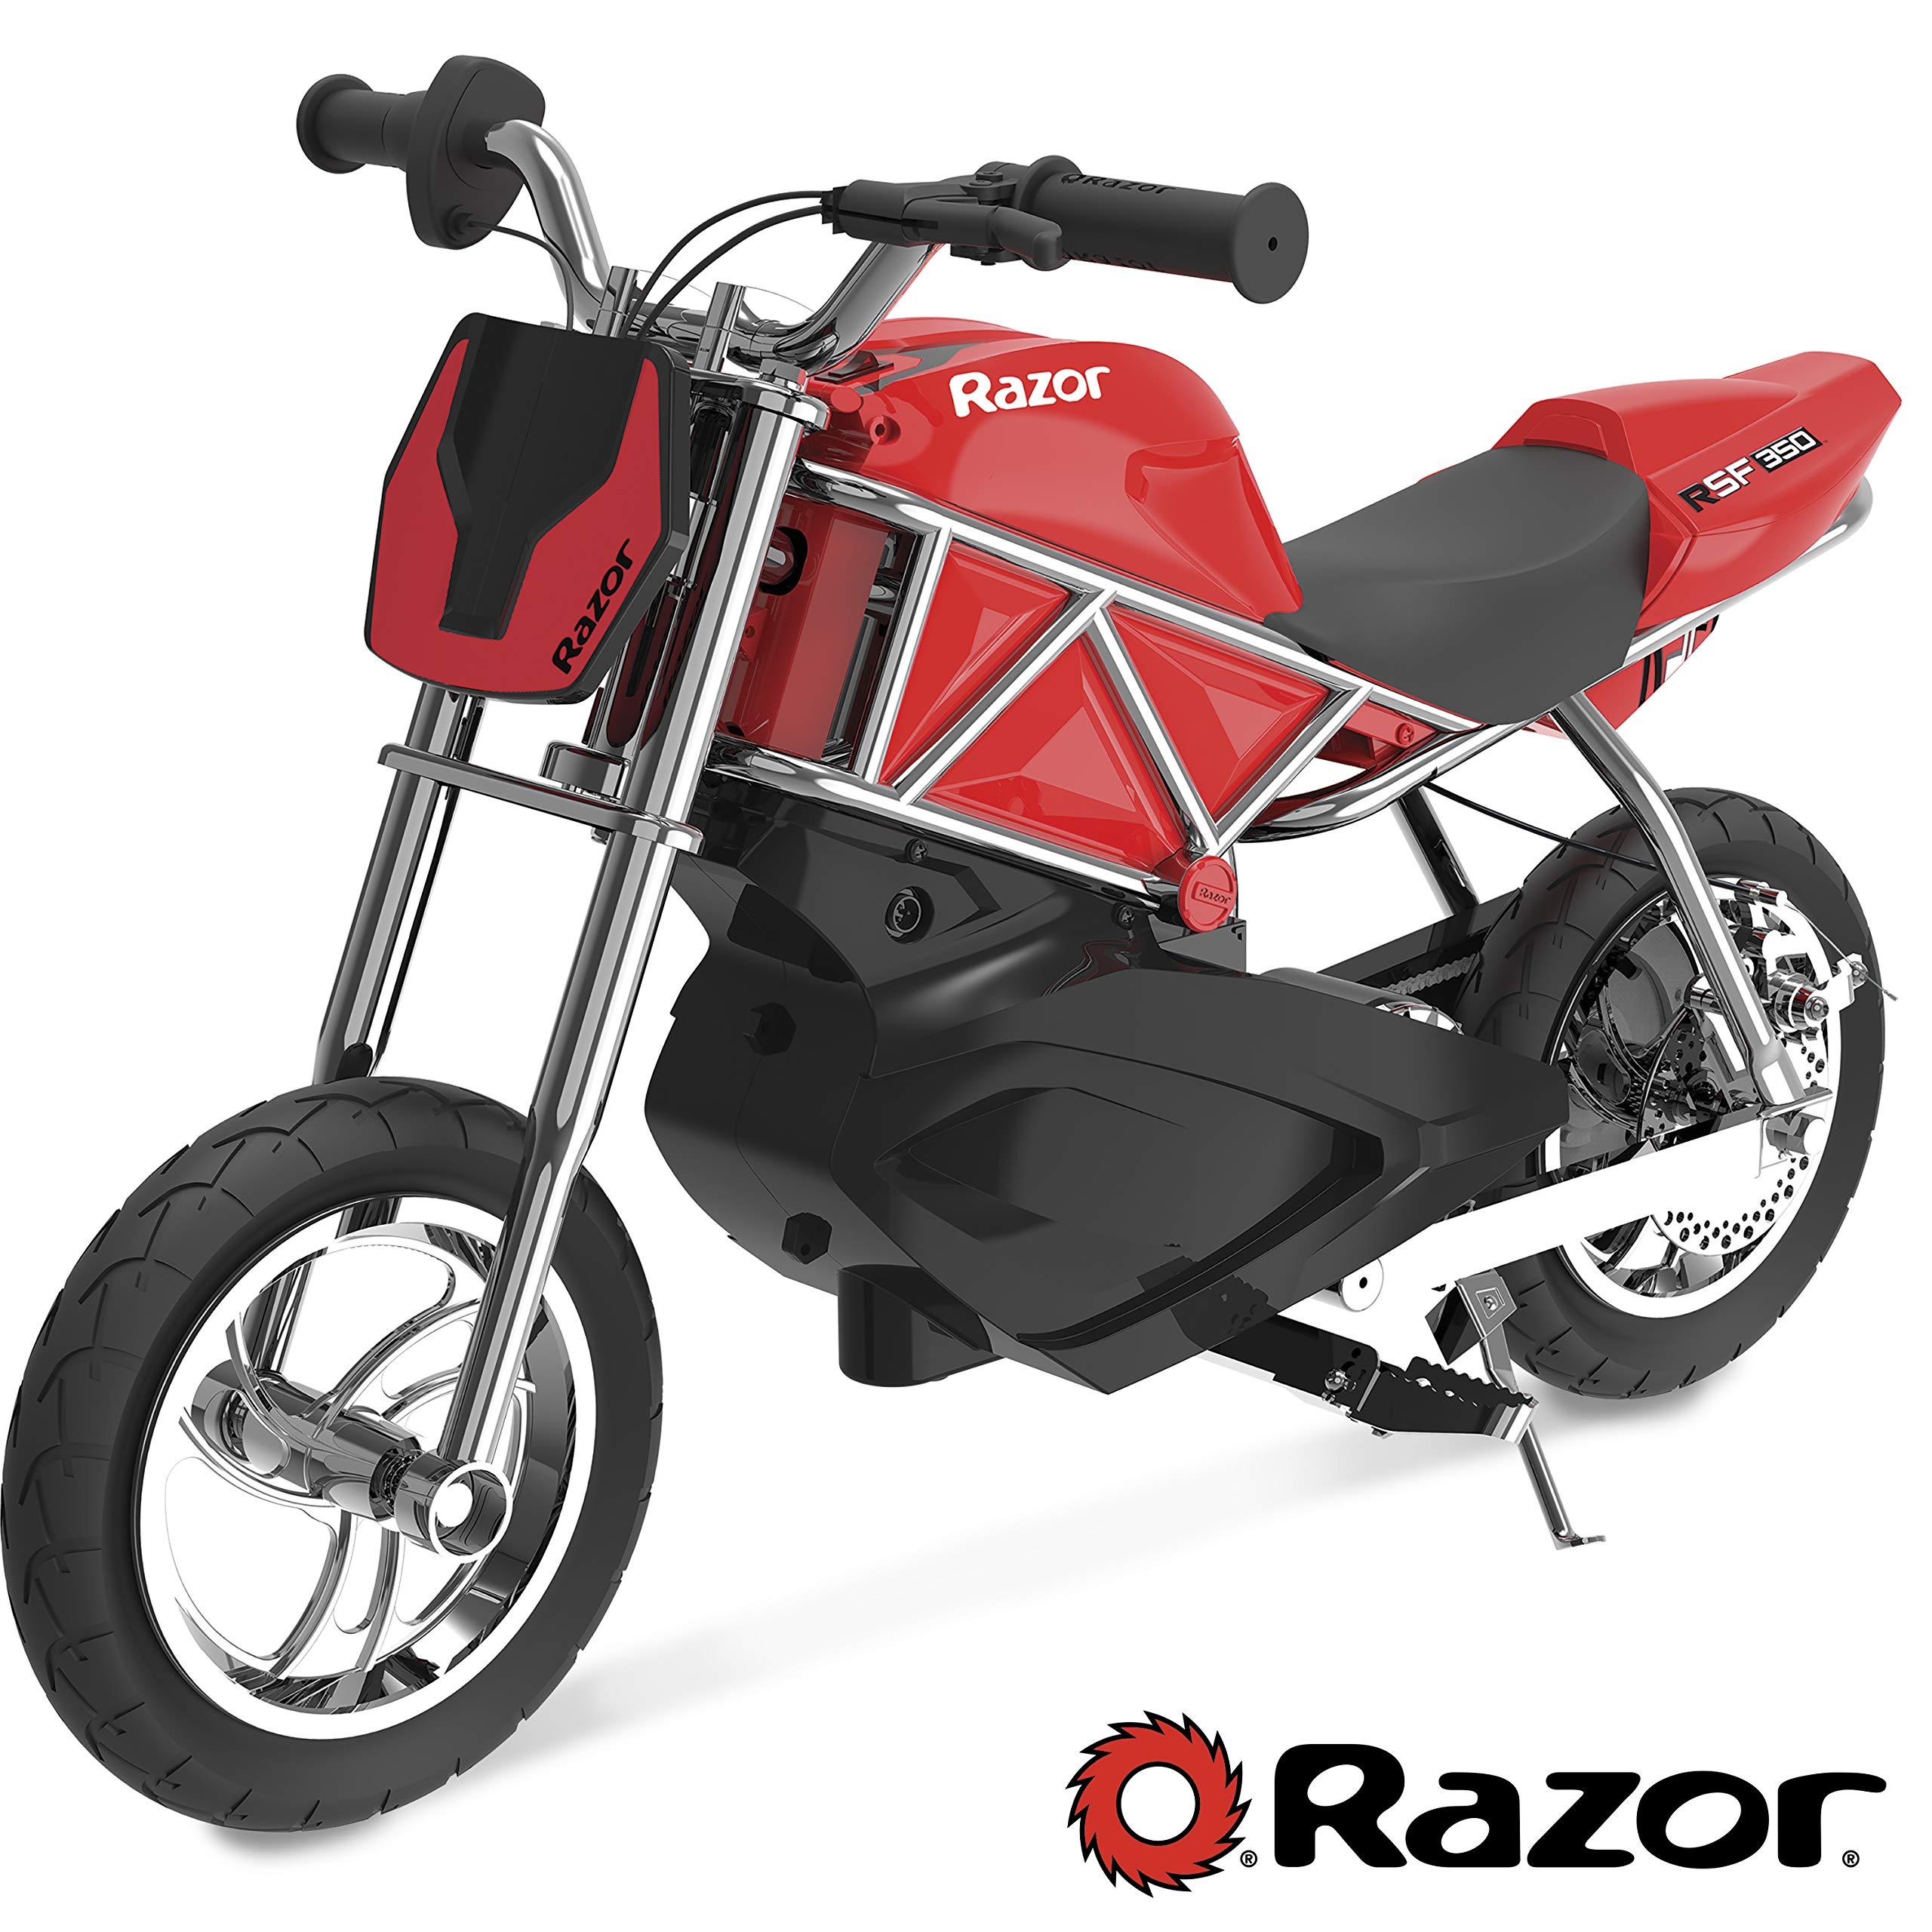 Razor RSF350 Electric Street Bike by Razor